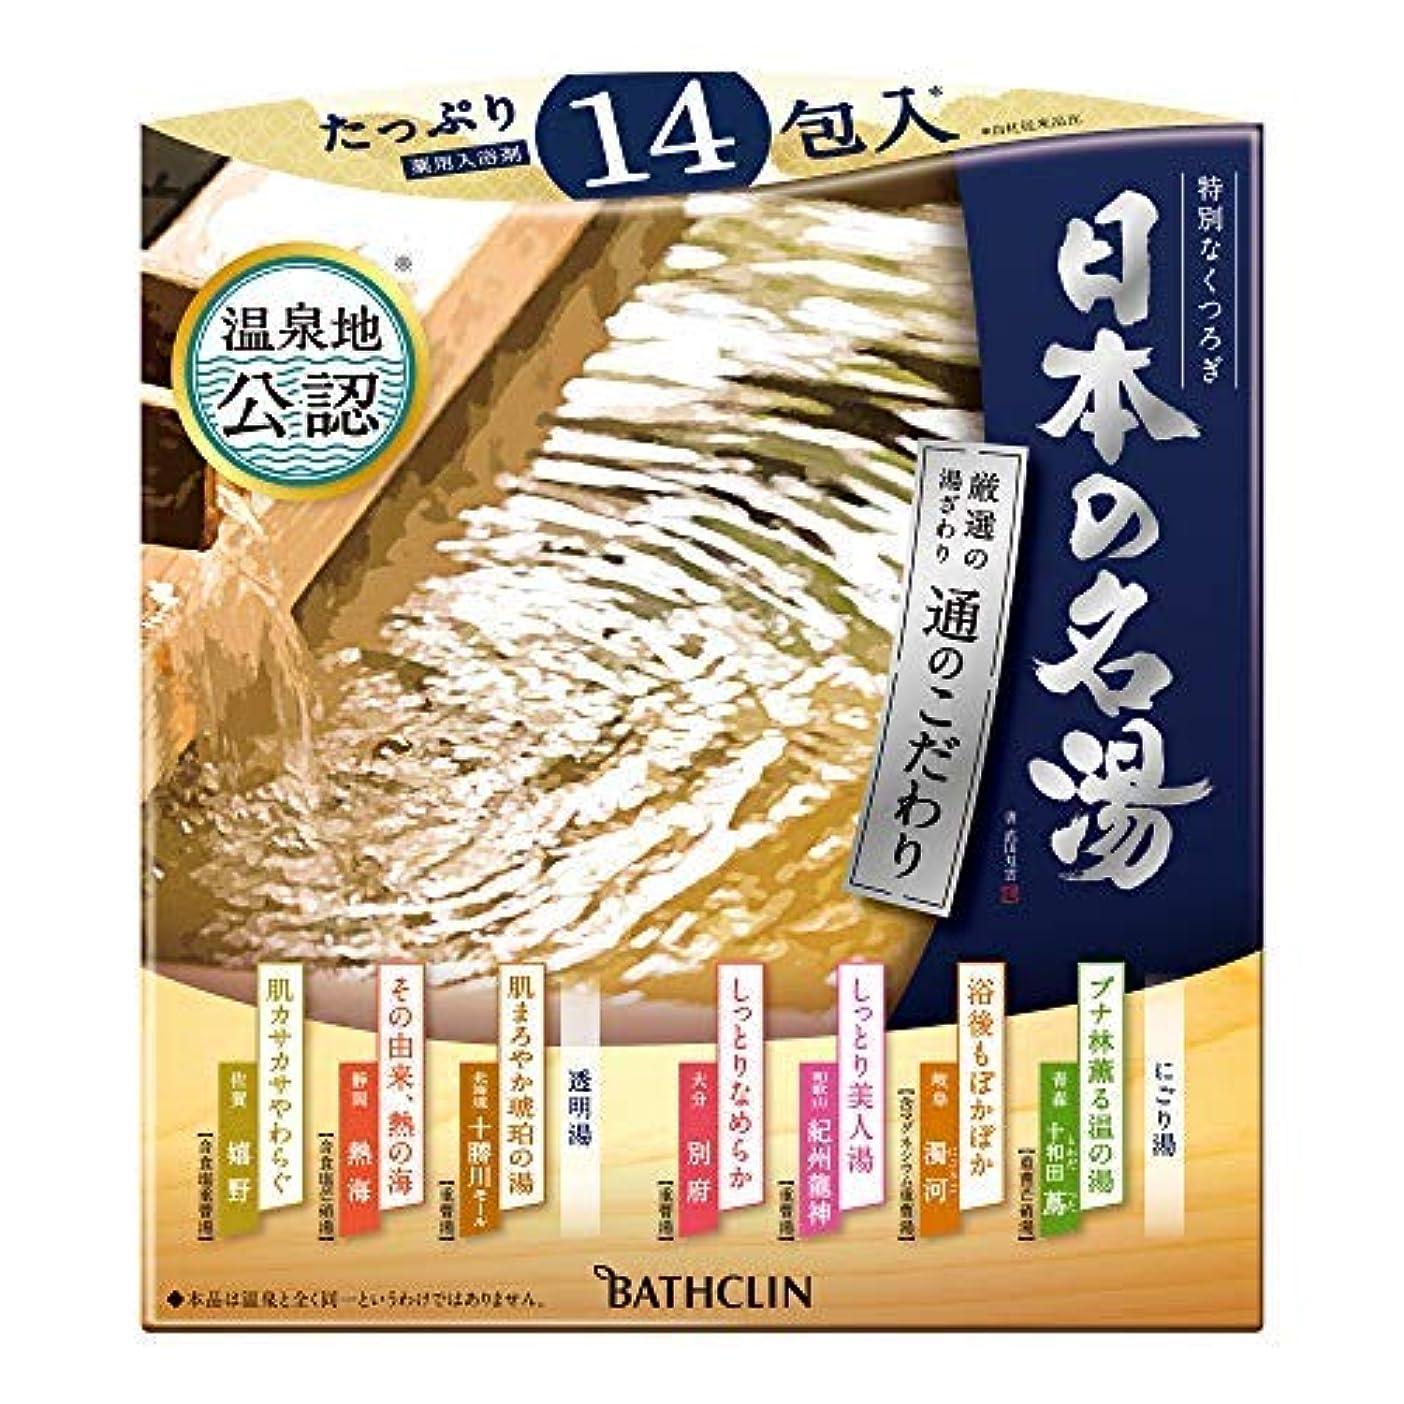 割り当て航空会社治療日本の名湯 通のこだわり 30g×14包 × 9個セット